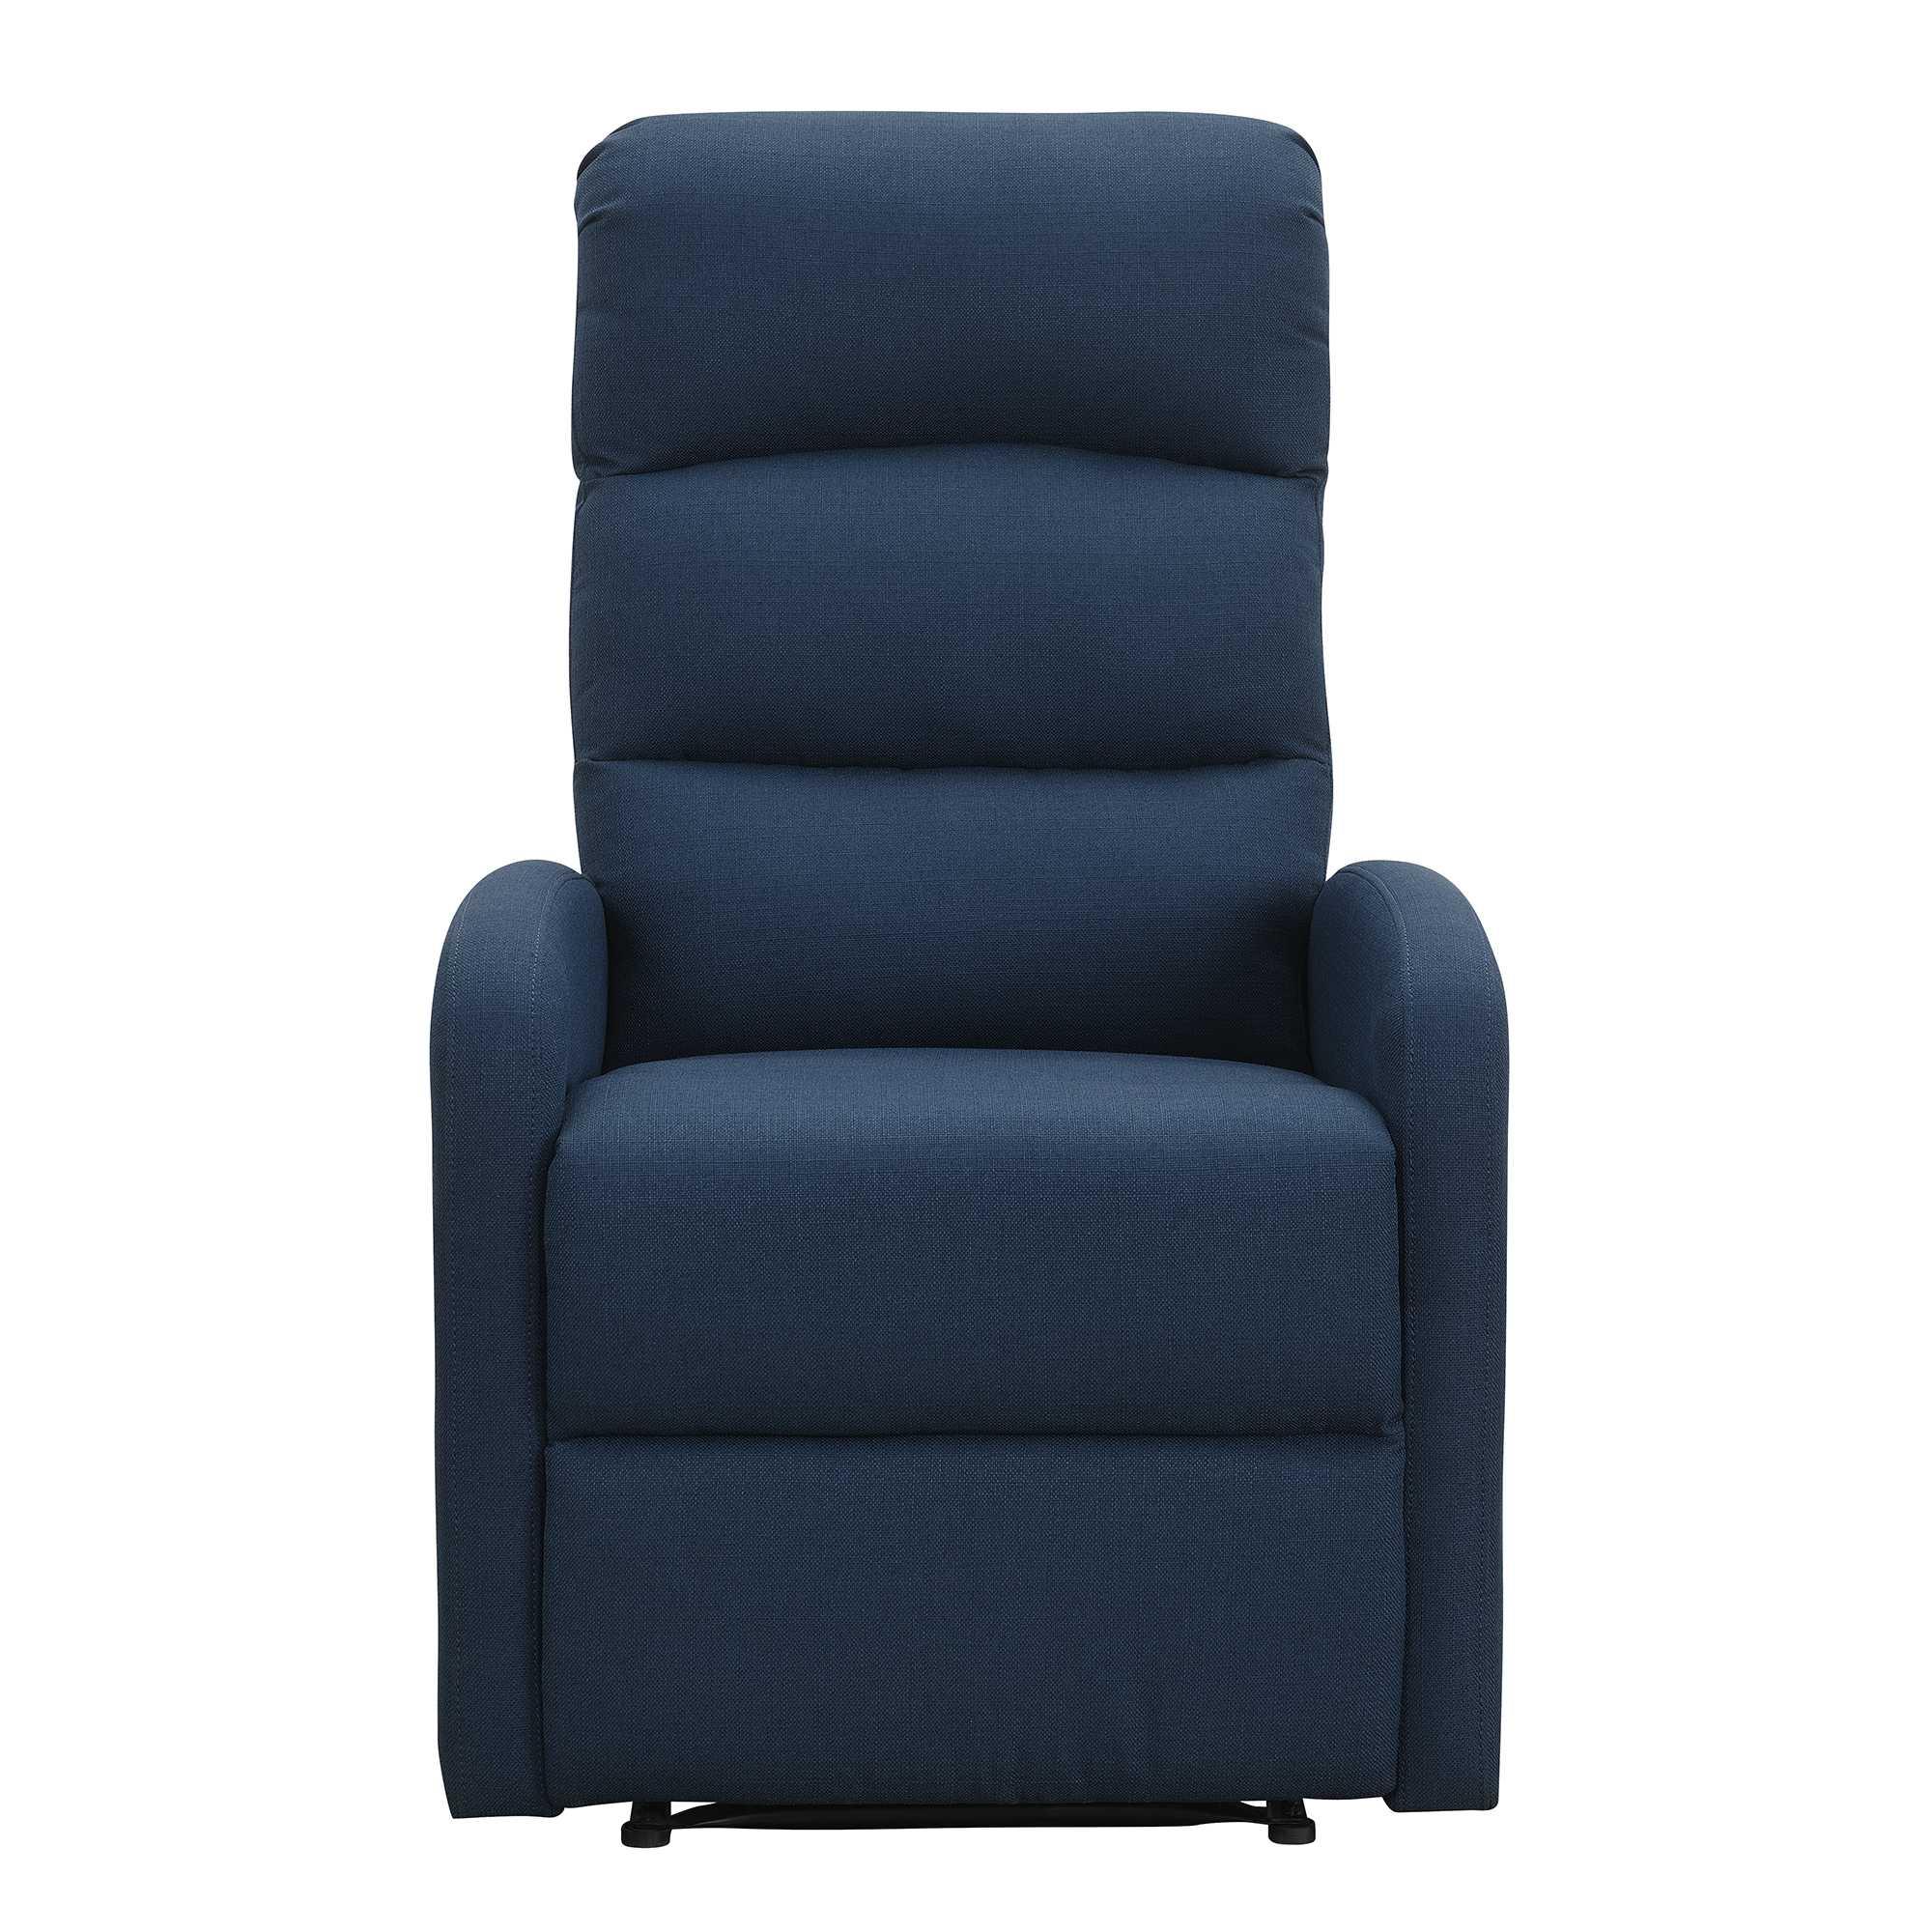 Relaxing Navy Blue Recliner Chair